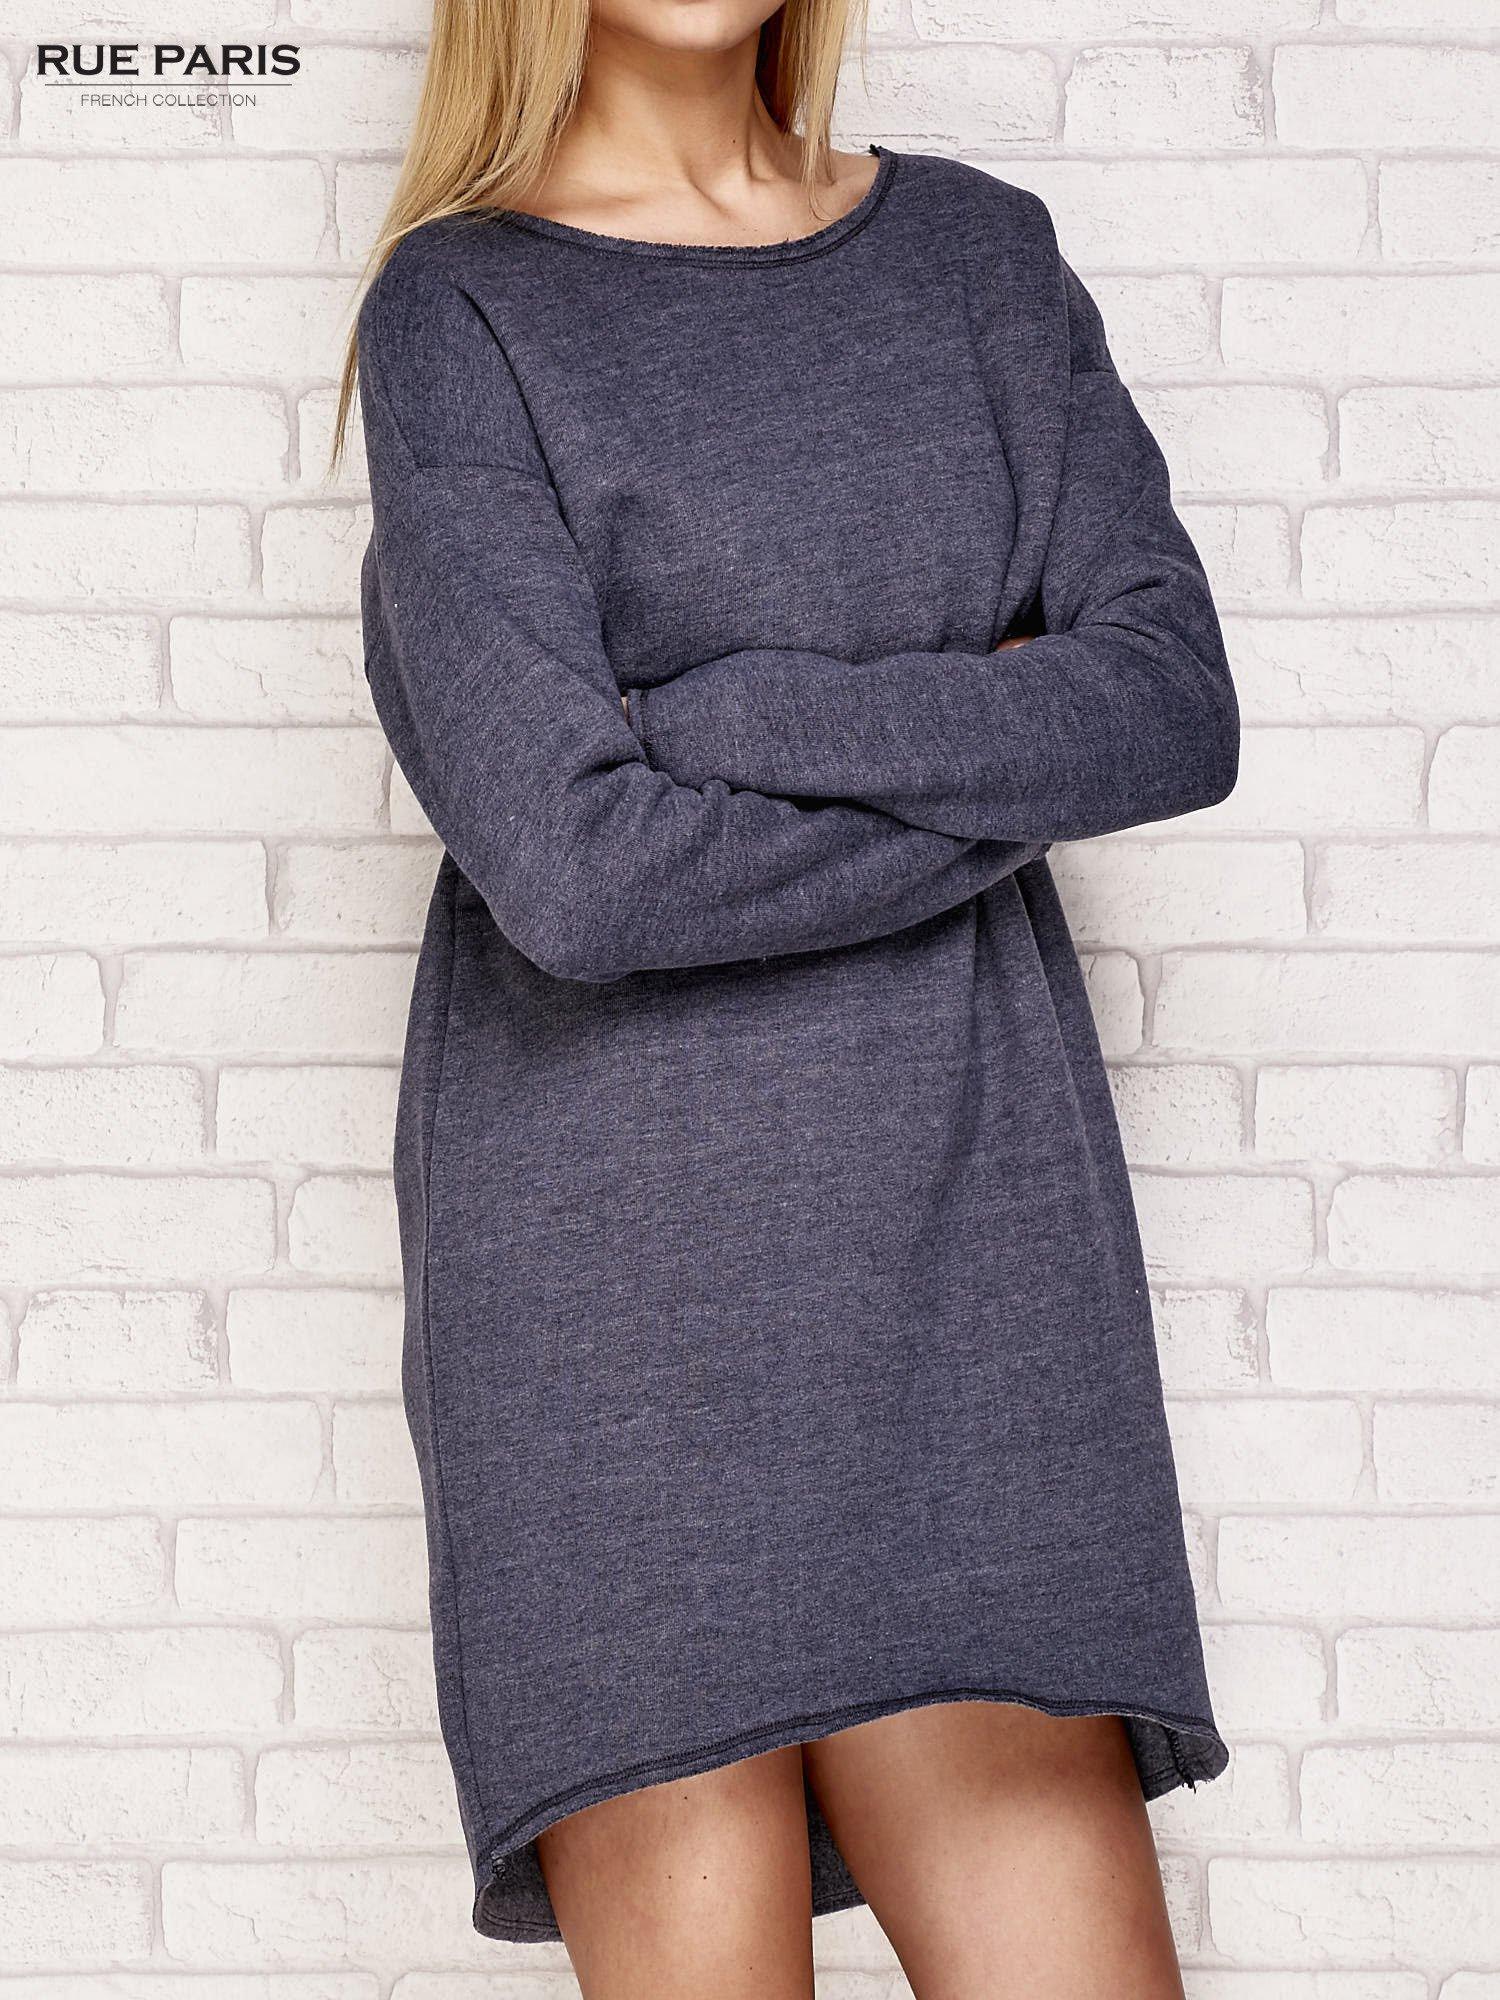 Granatowa dresowa sukienka z luźnymi rękawami                                  zdj.                                  3